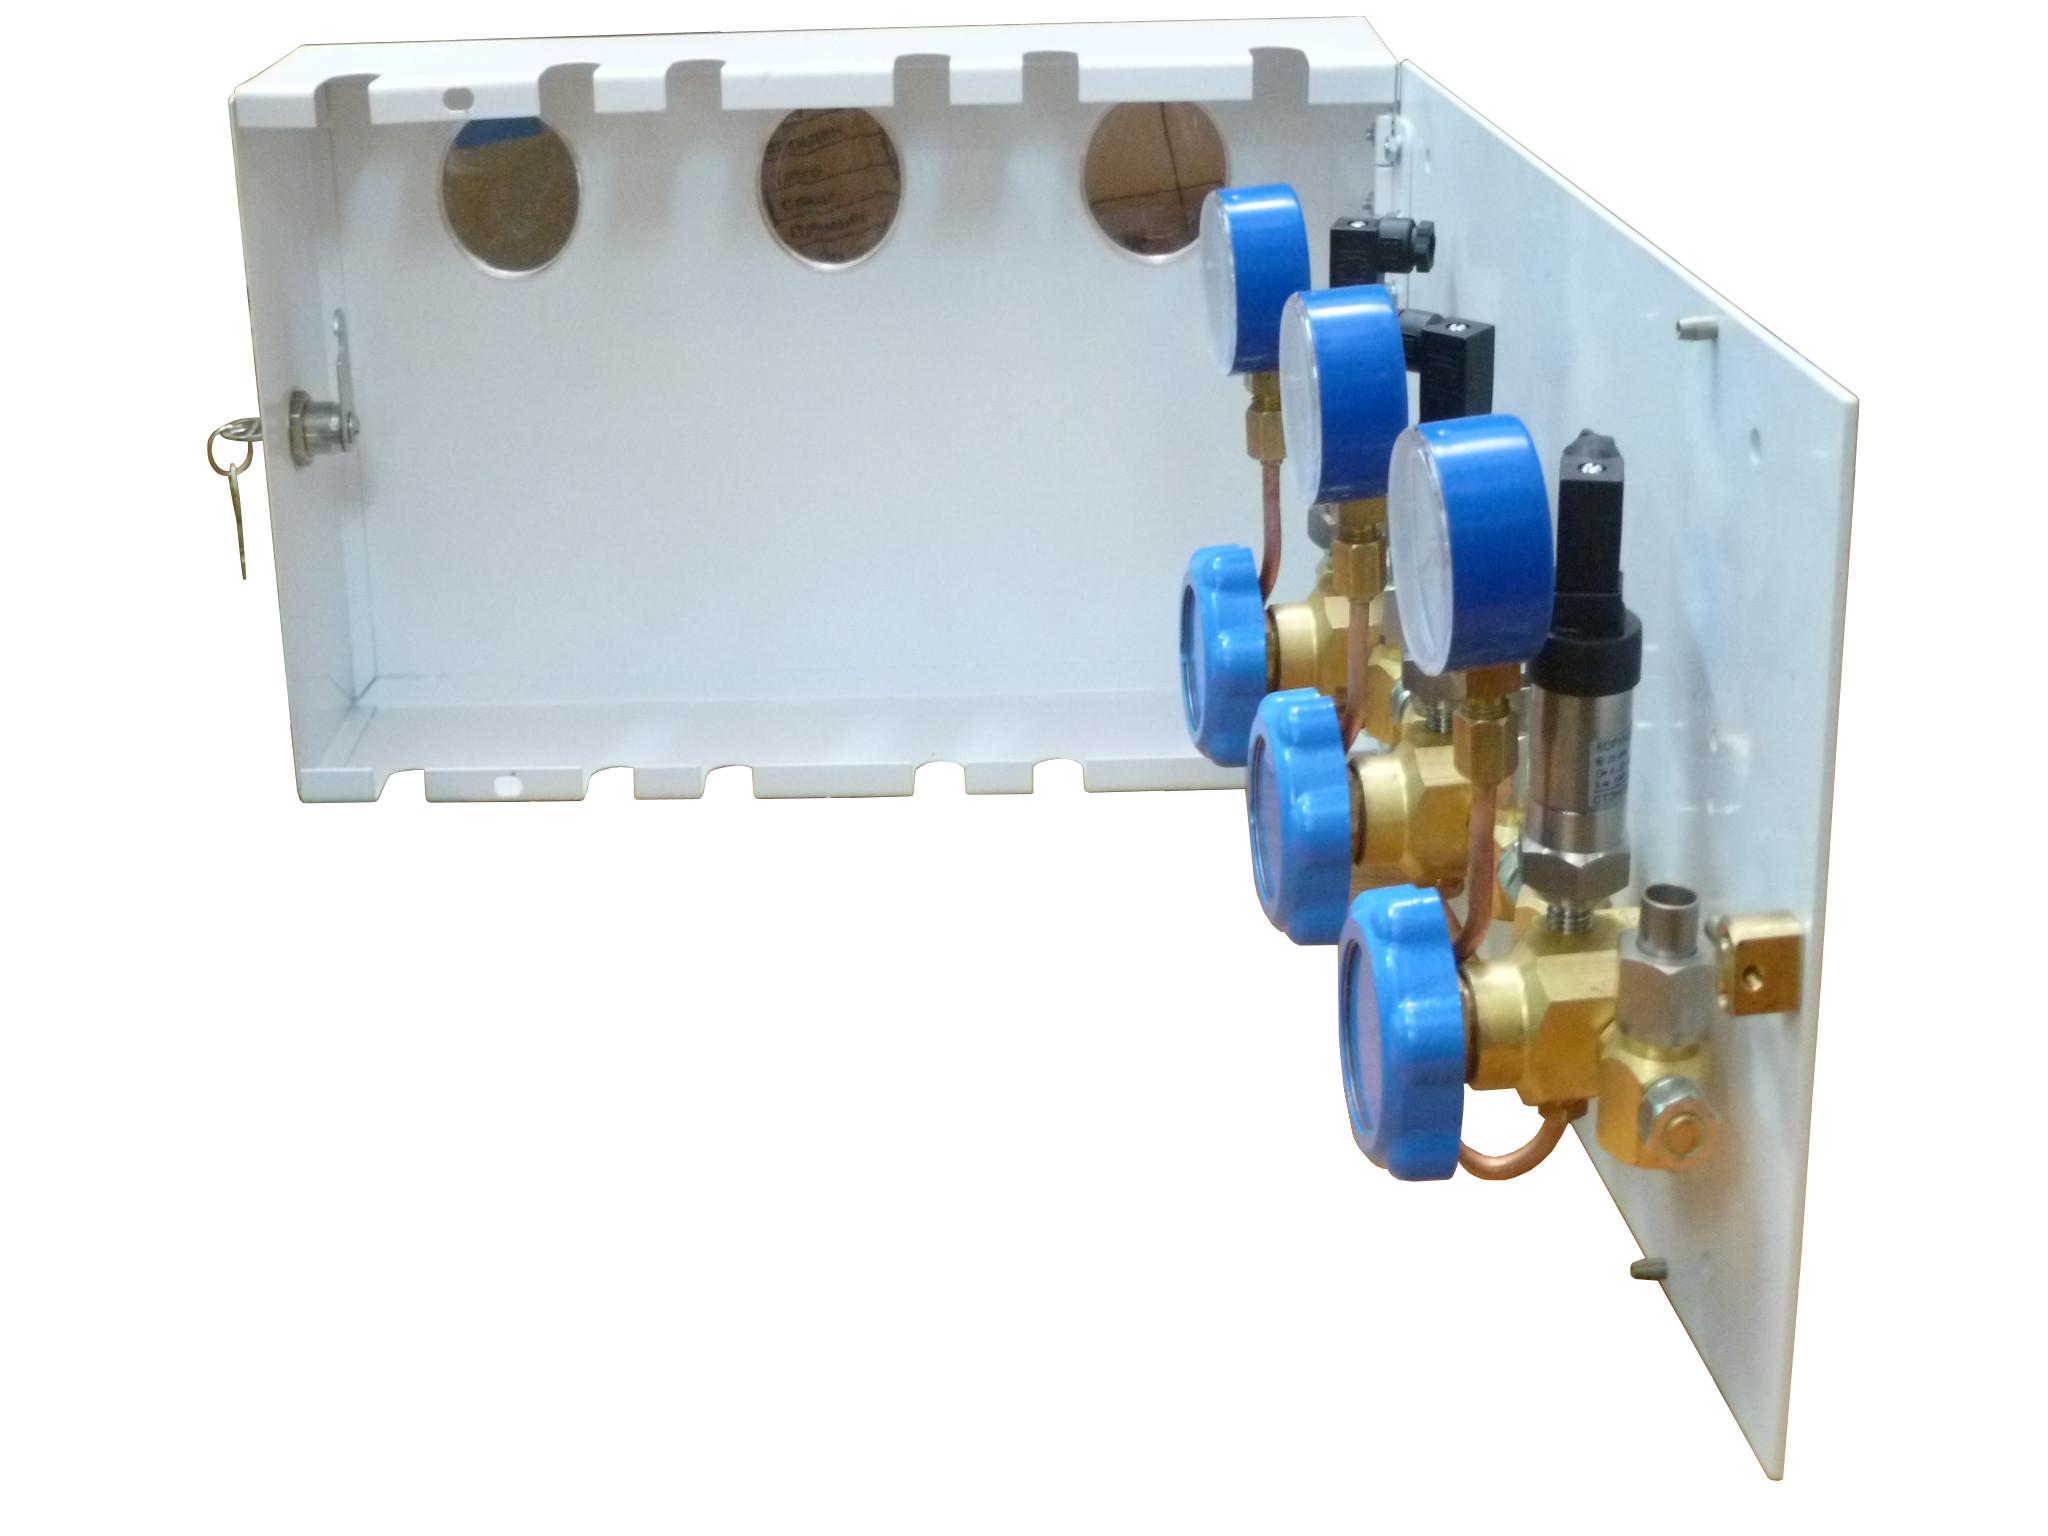 Поэтажная Отключающая Коробка УГВ-43 ( с датчиками дистанционного контроля)